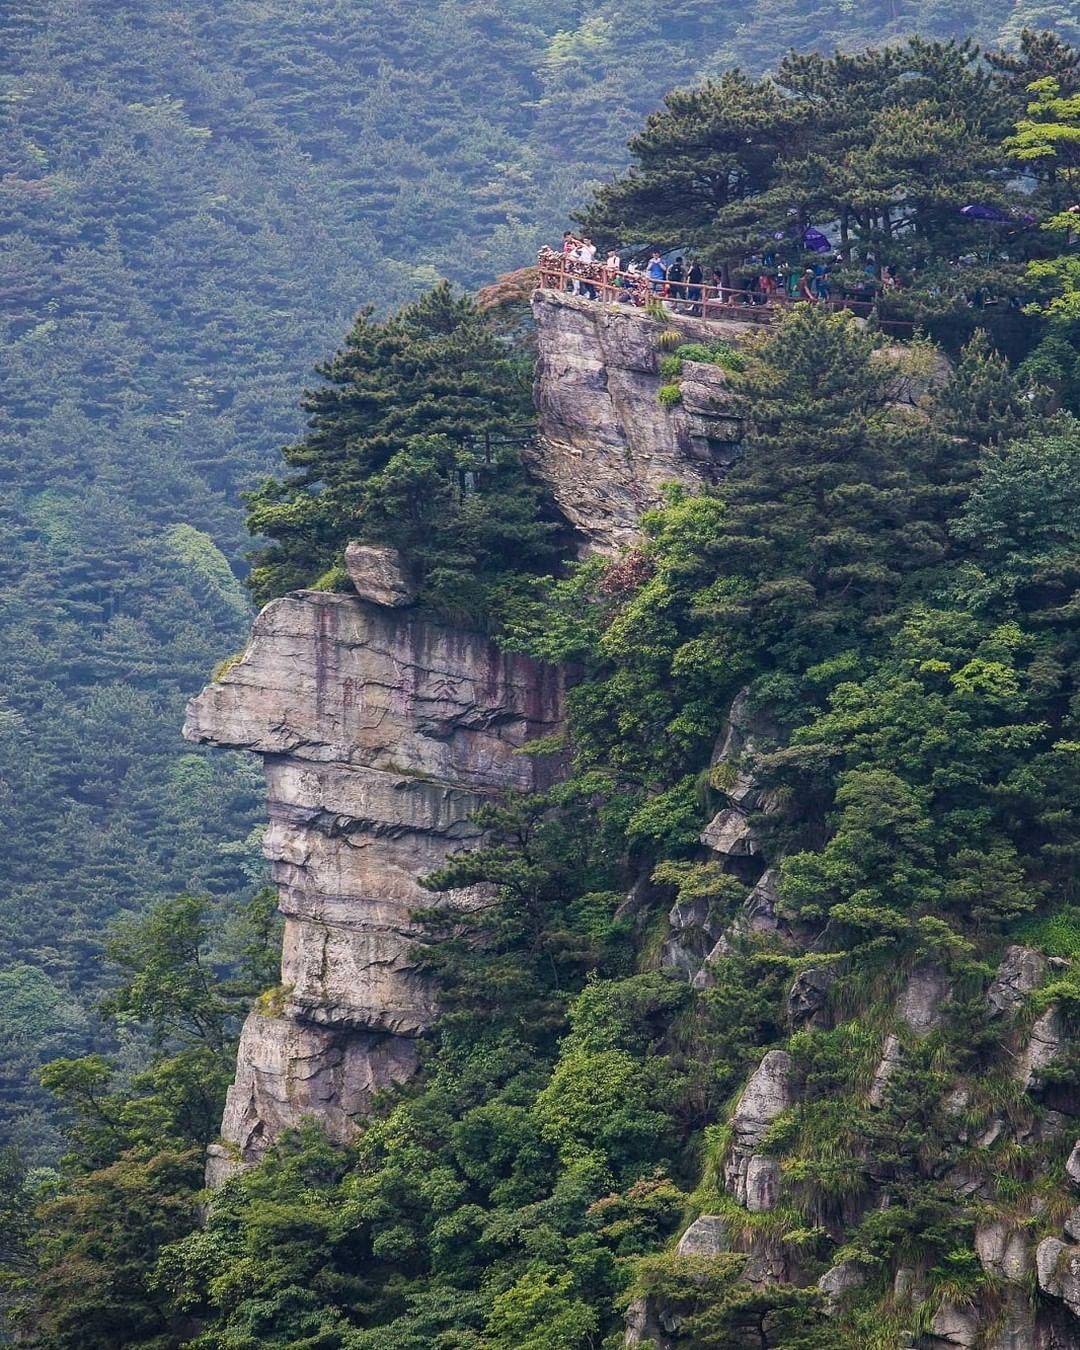 Núi Lư Sơn (Lushan),  Giang Tây, Trung Quốc